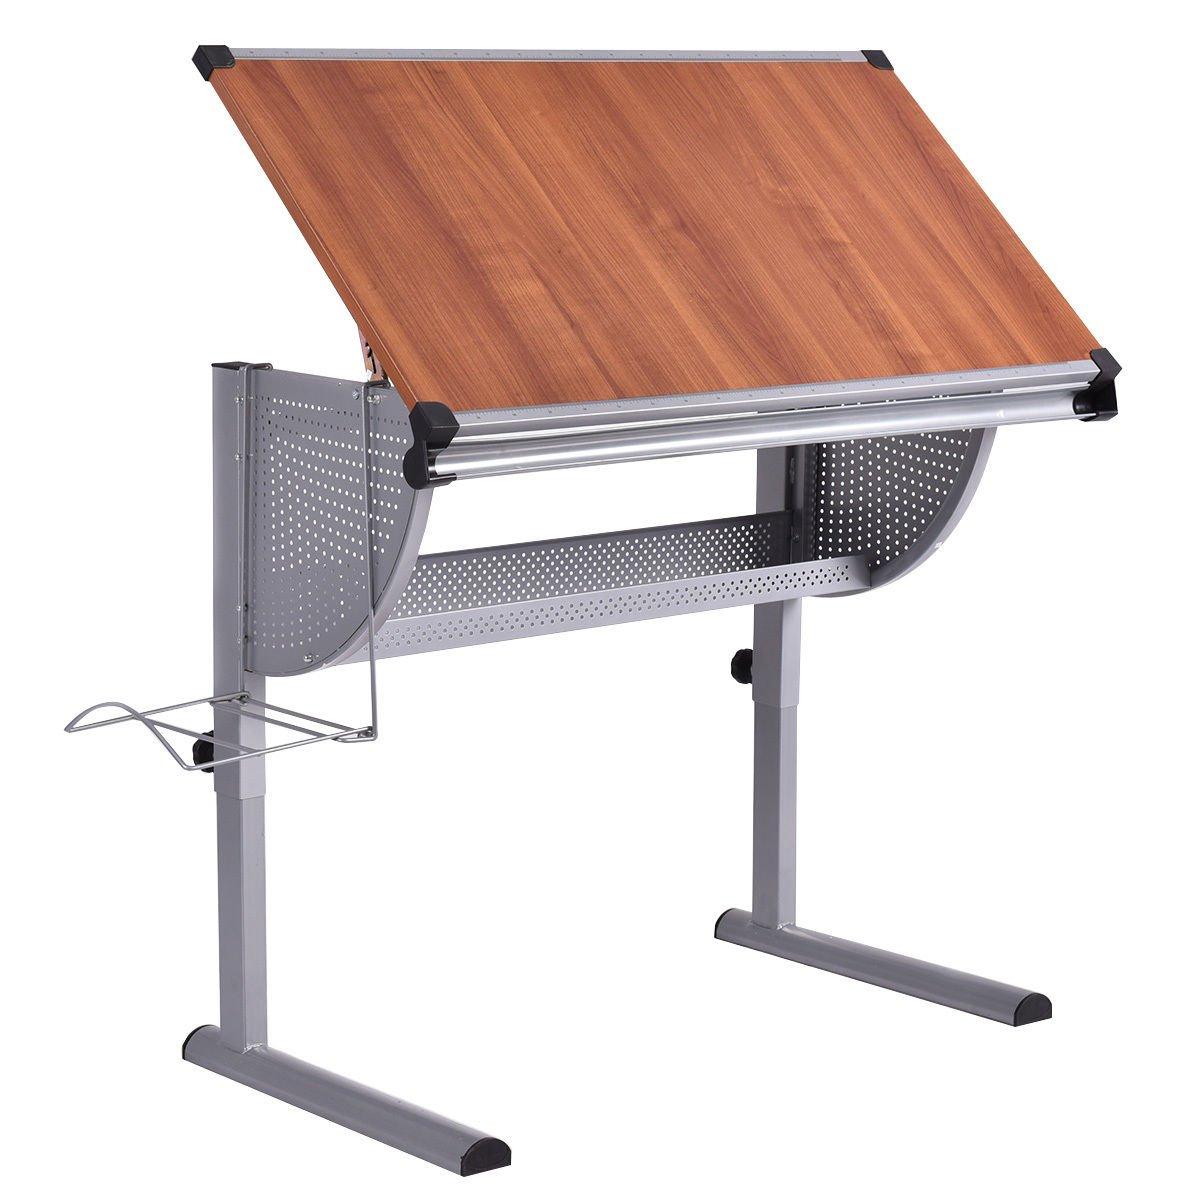 Tangkula ドラフティング テーブル 製図 デスク 調節可能 芸術 & 手芸 ホビー スタジオ 建築家 作業用 イエロー DX B01M22SBQ5 イエロー イエロー